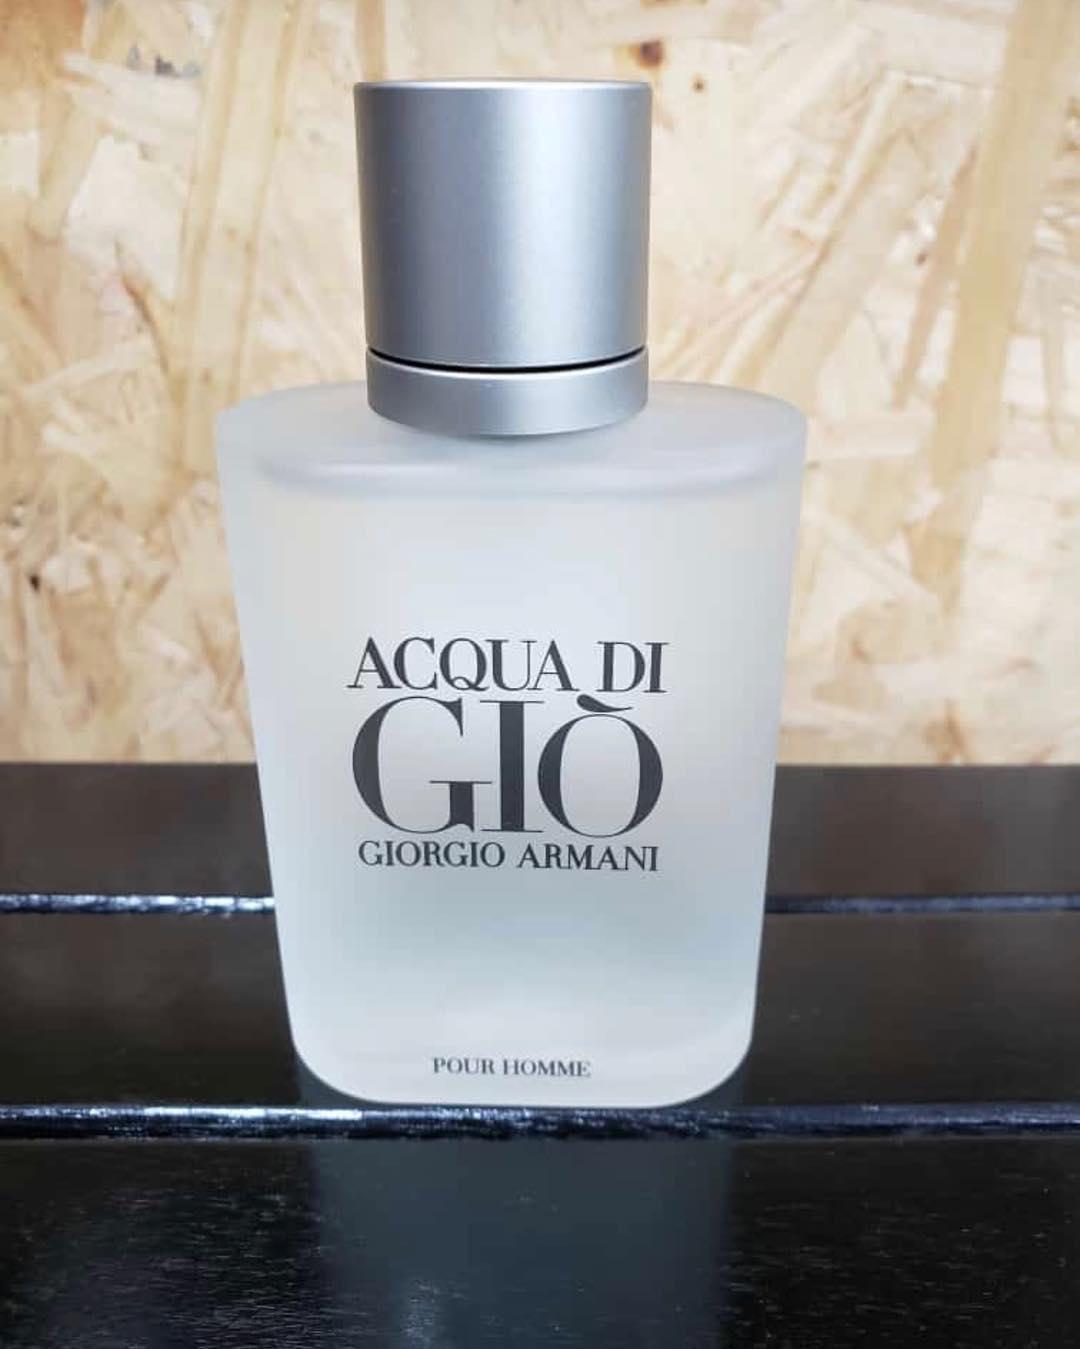 Kelebihan Parfume Pria Giorgio Armani Acqua Digio Aqua Di Gio Parfum Collar Spg 23238k16a41 Pour Homme Original Asli Eropa Untuk Aroma